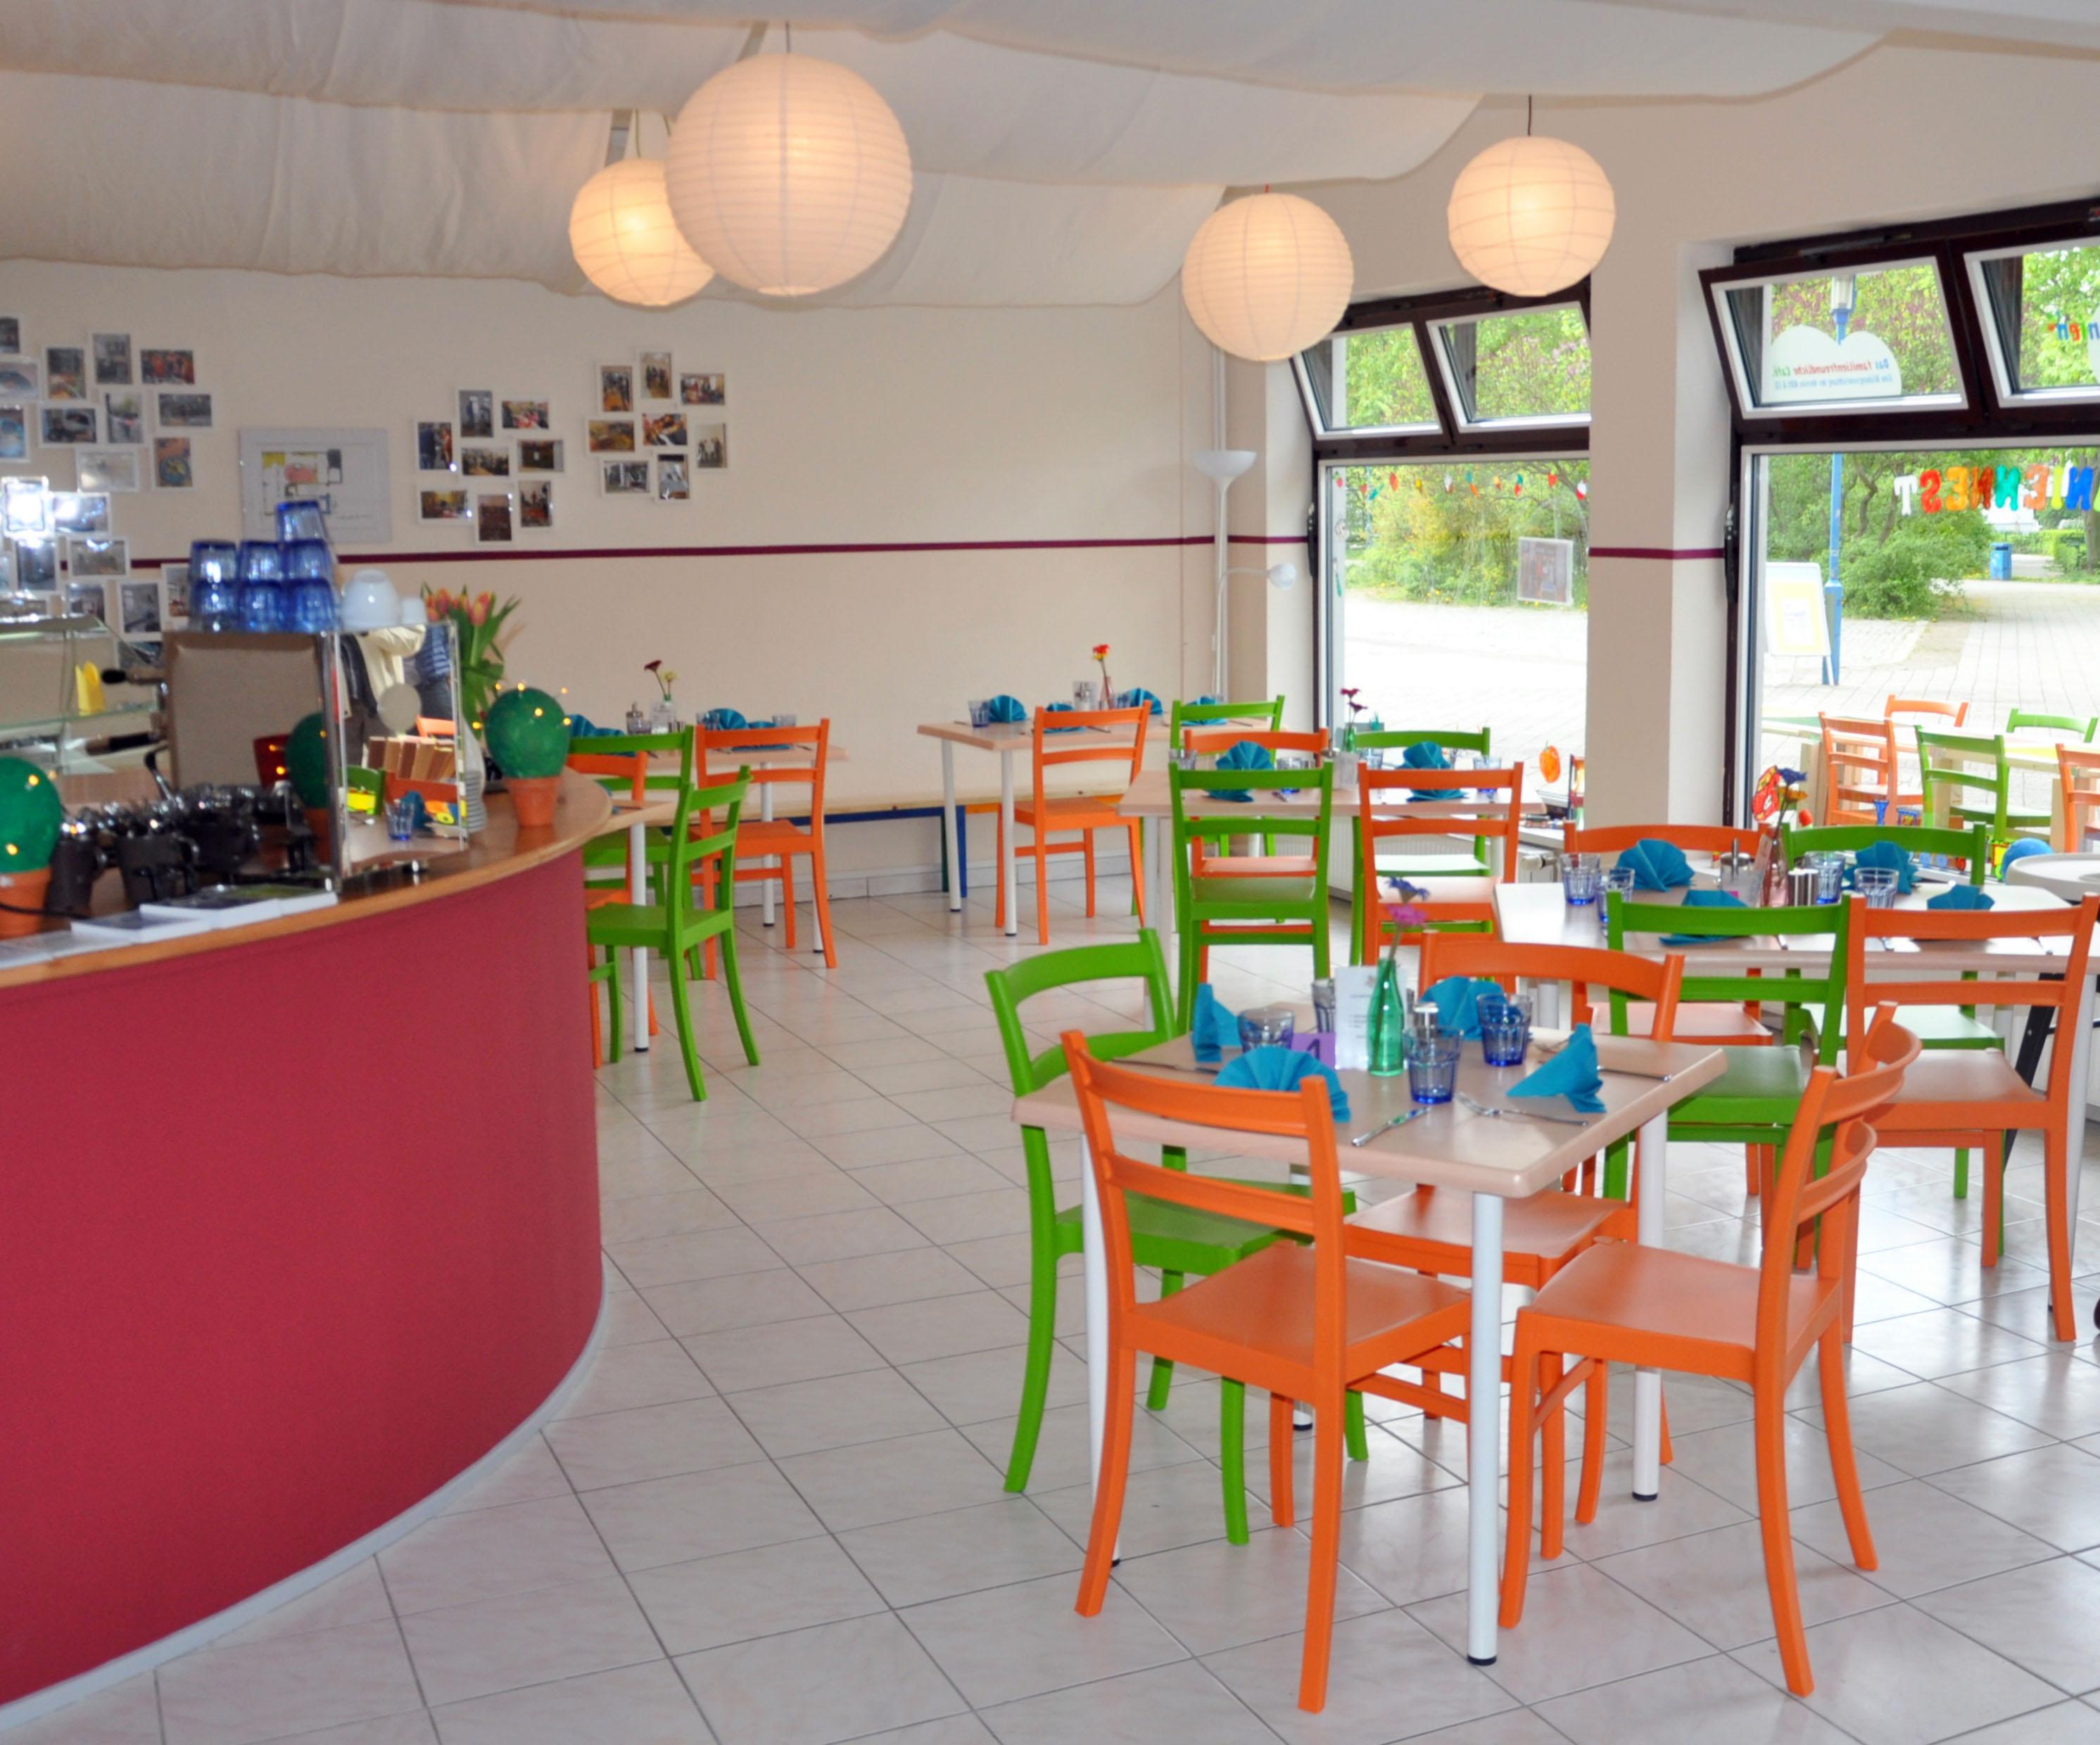 Café mit Tischen und bunten stühlen